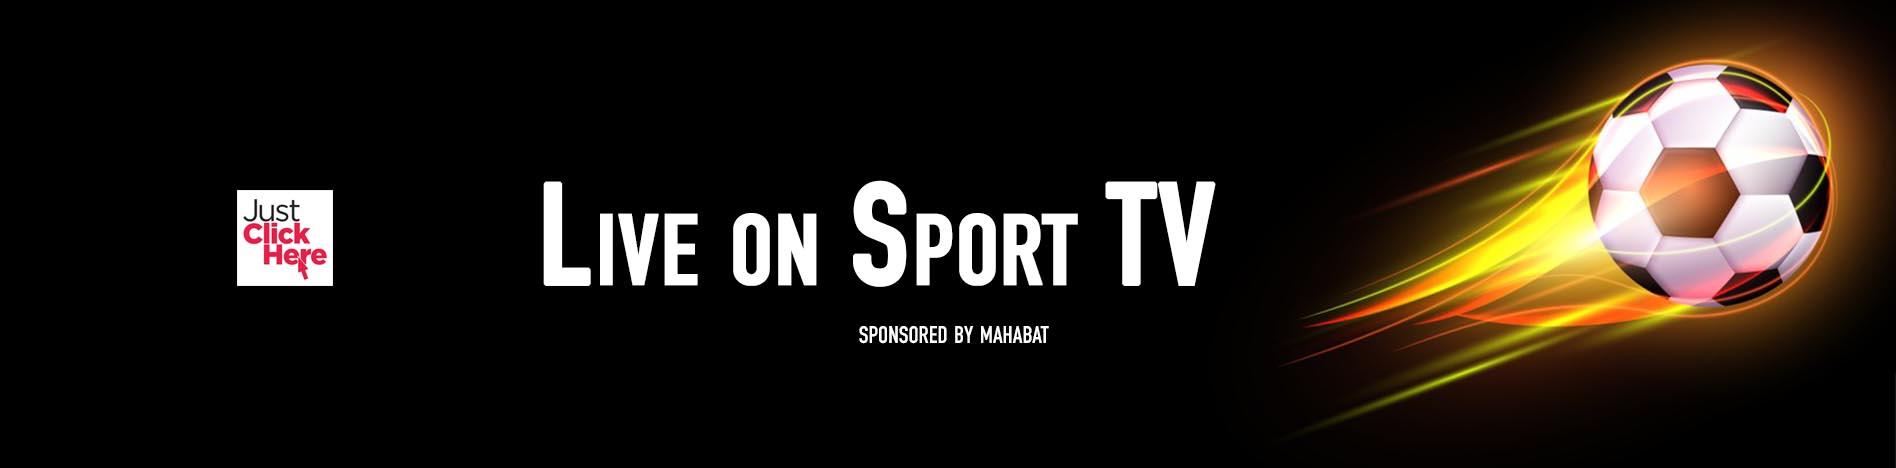 sport tv, goni yaylym, la liga, bundersliga live